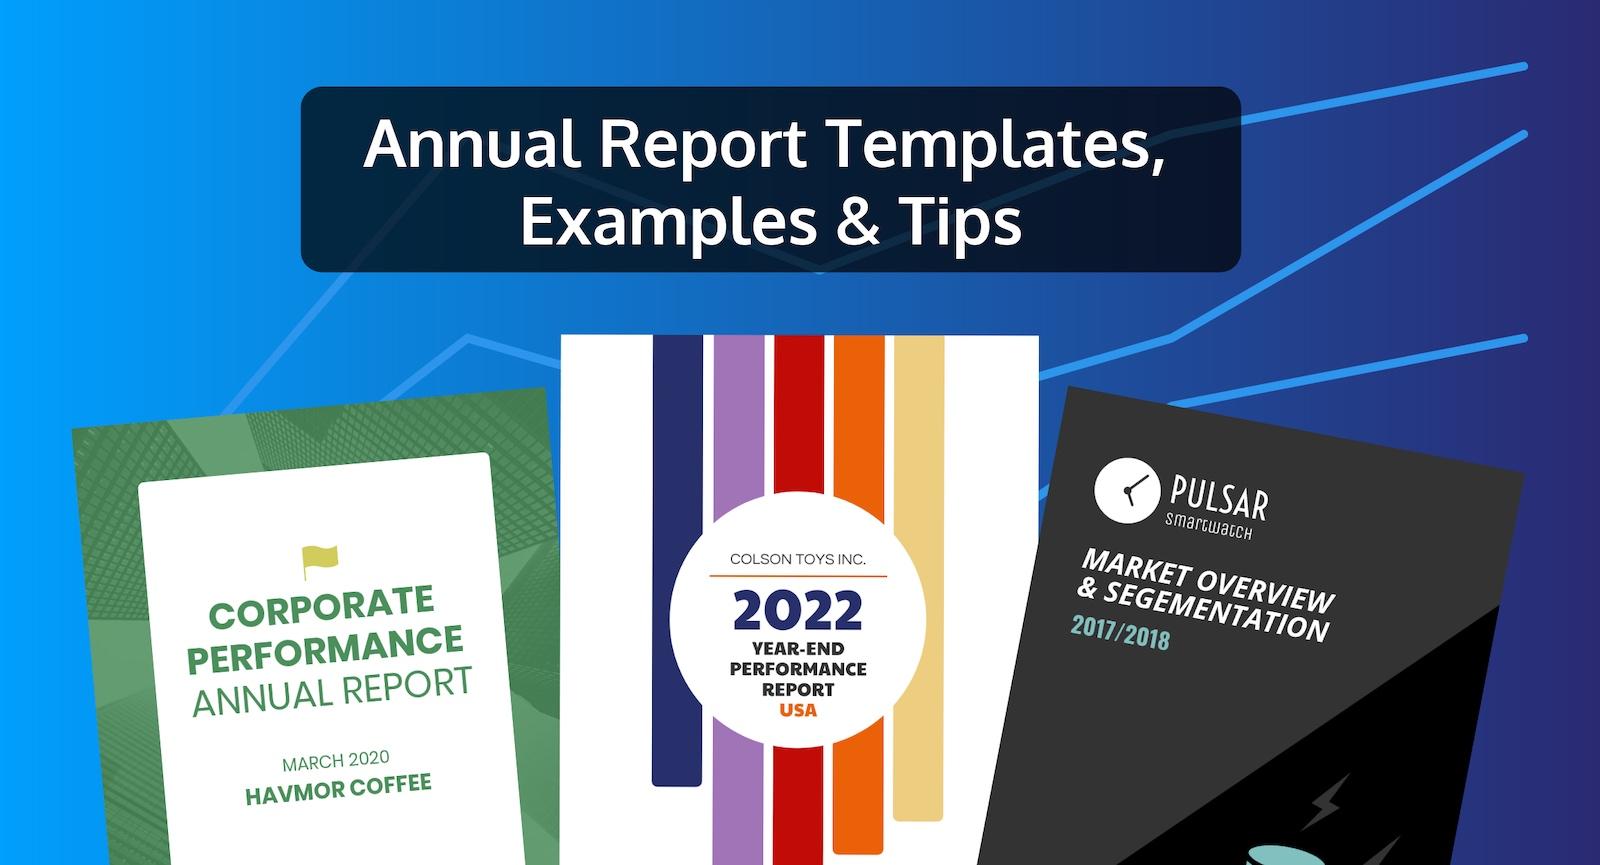 50 modelos customizáveis de design de relatório anual, exemplos e dicas